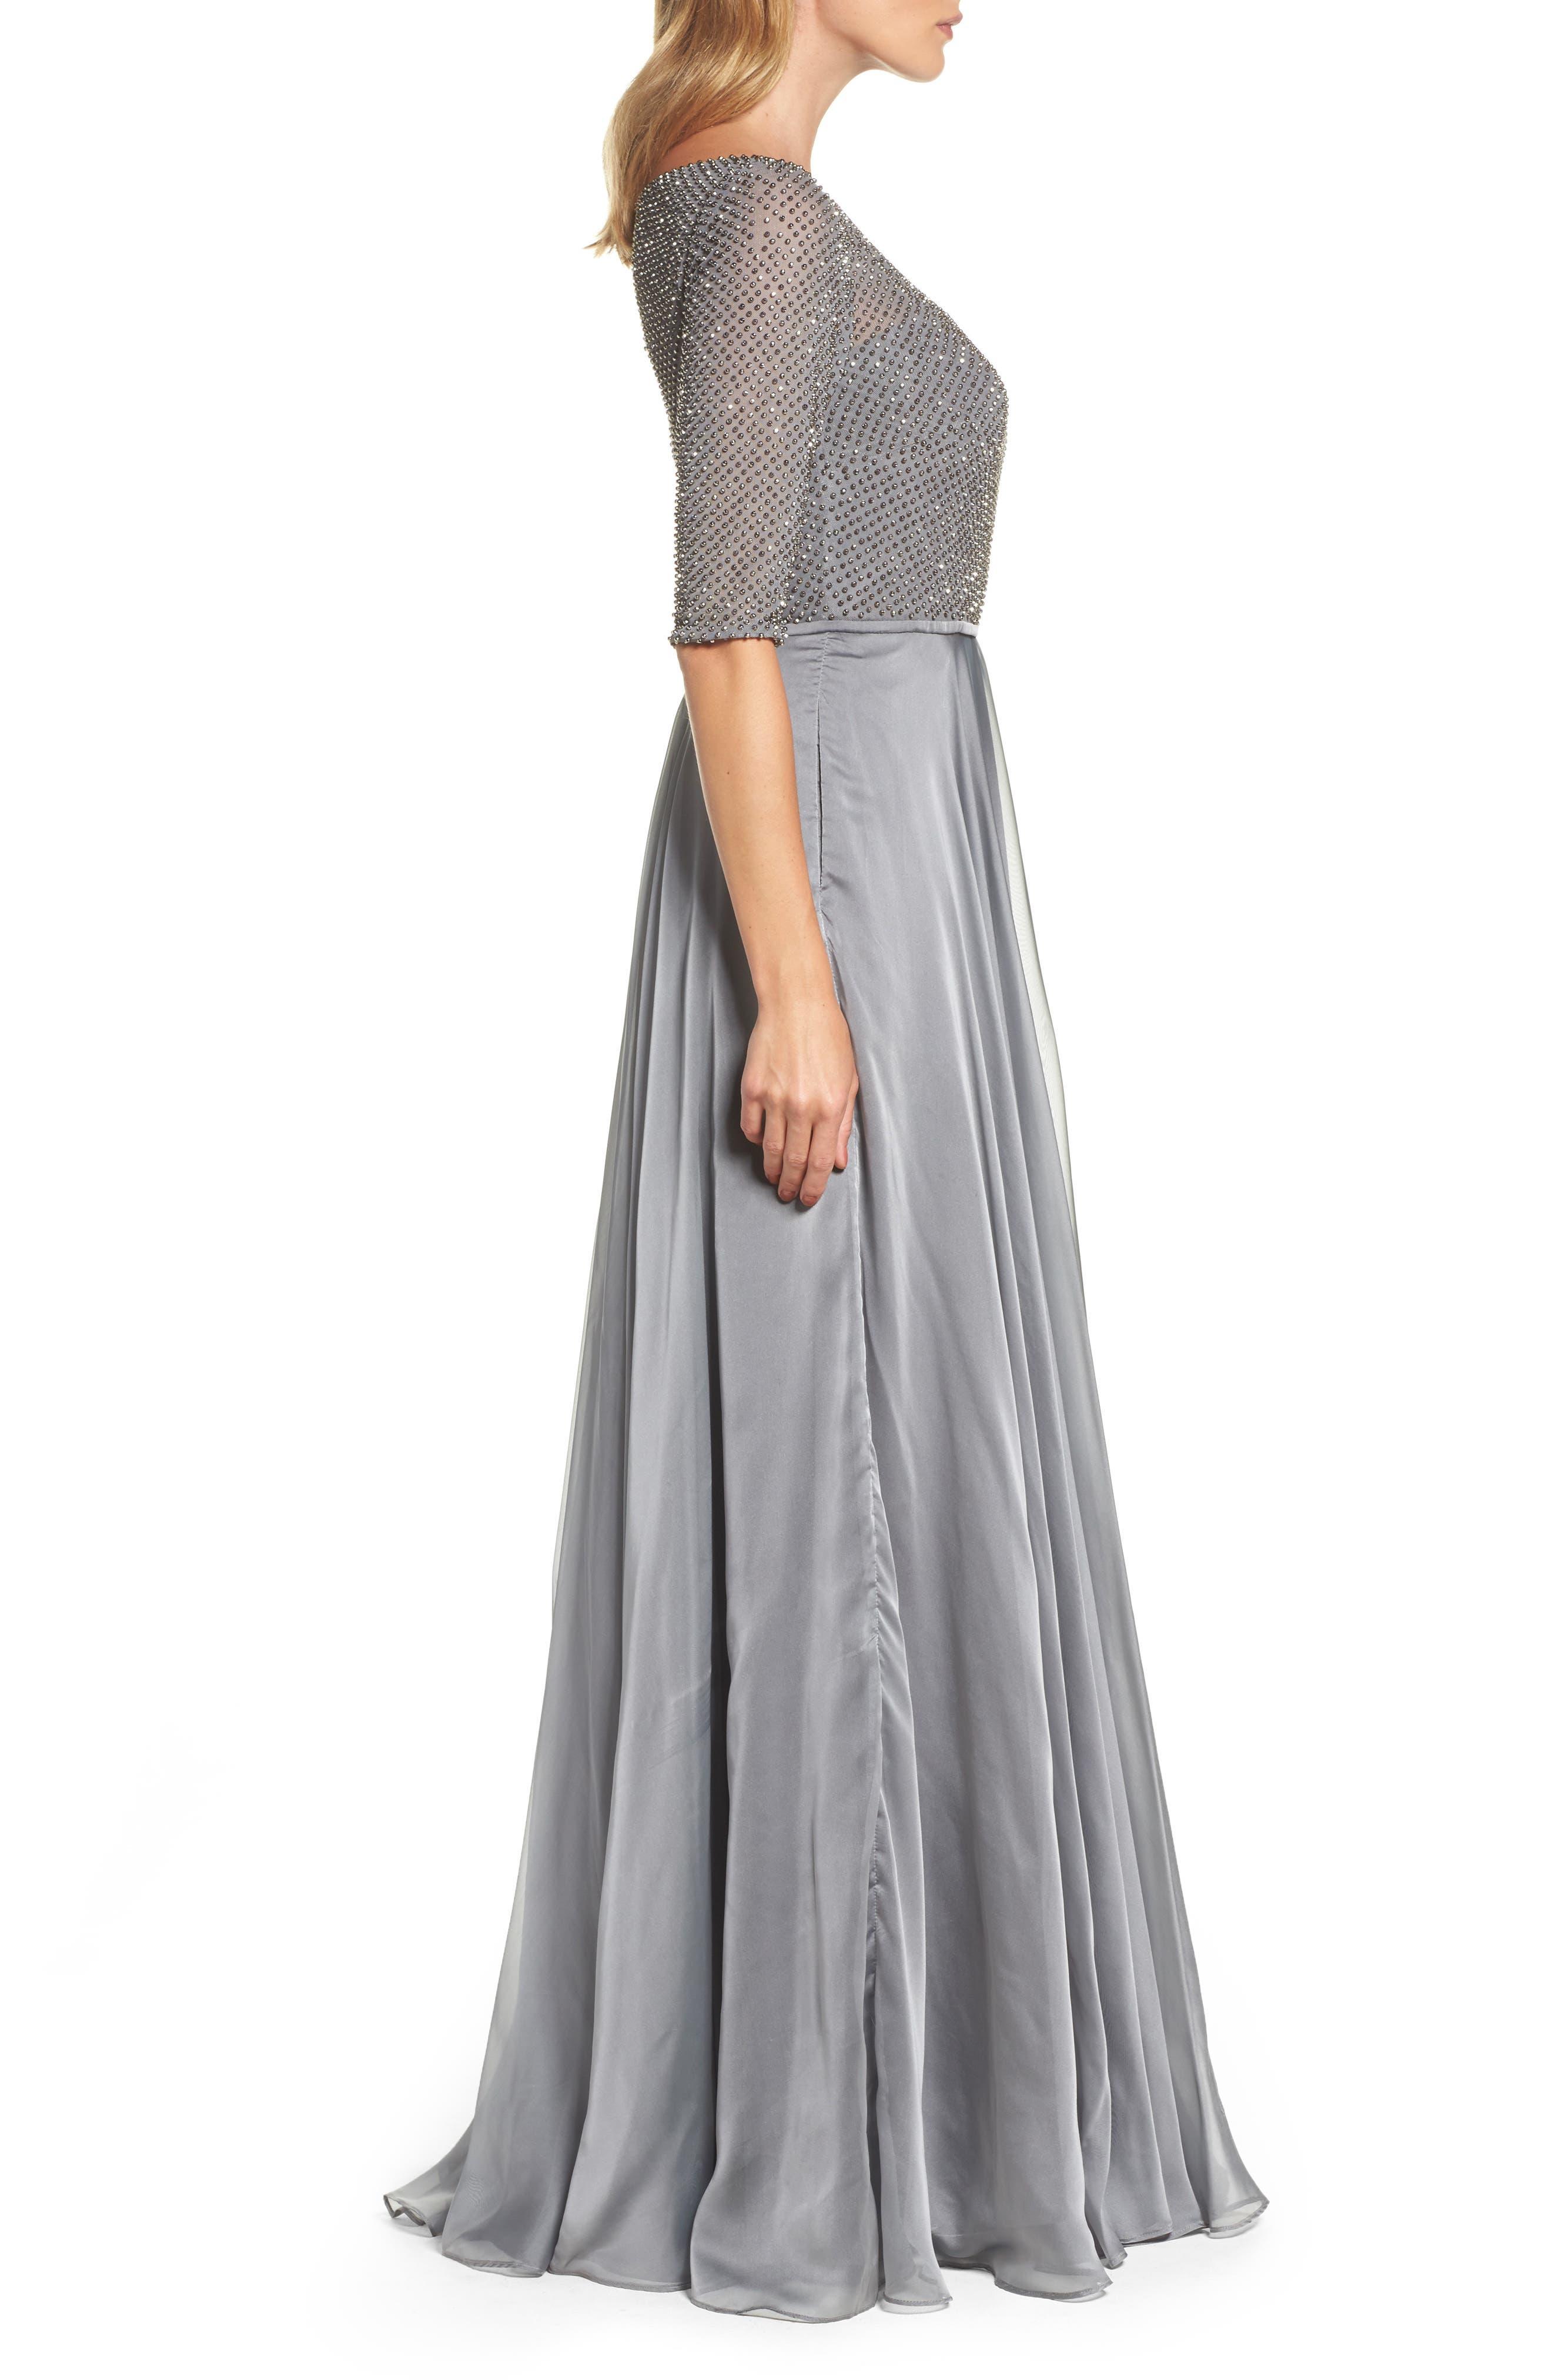 LA FEMME, Embellished Bodice Gown, Alternate thumbnail 3, color, PLATINUM